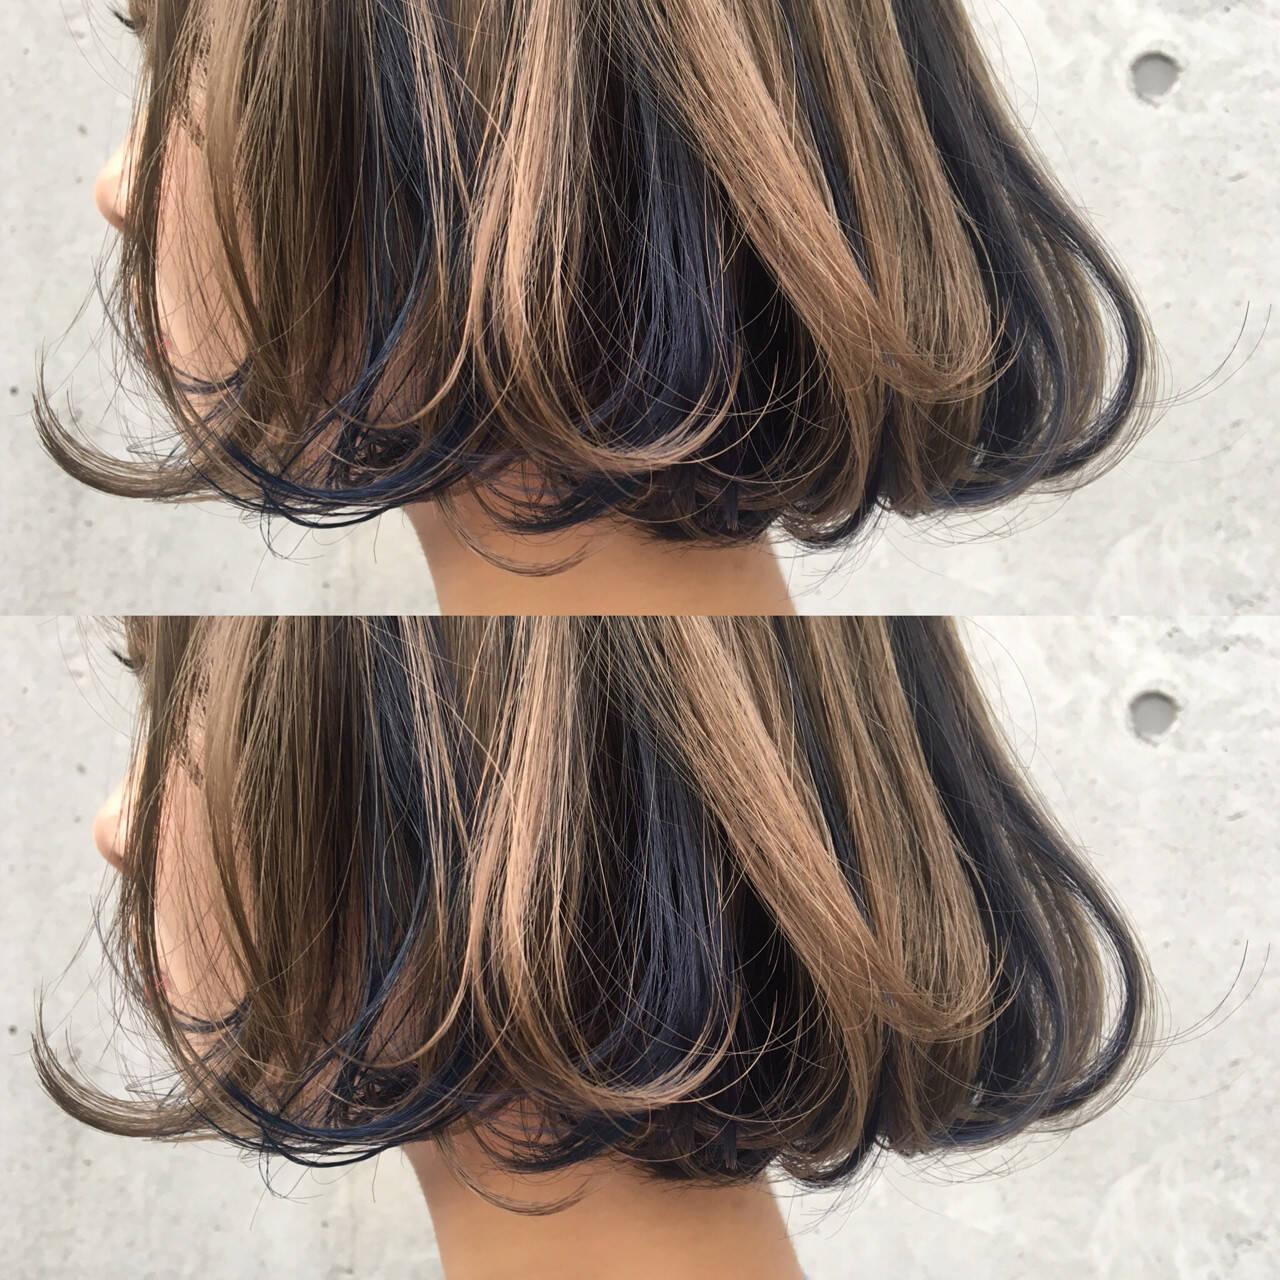 ストリート トレンド ボブ ブリーチヘアスタイルや髪型の写真・画像